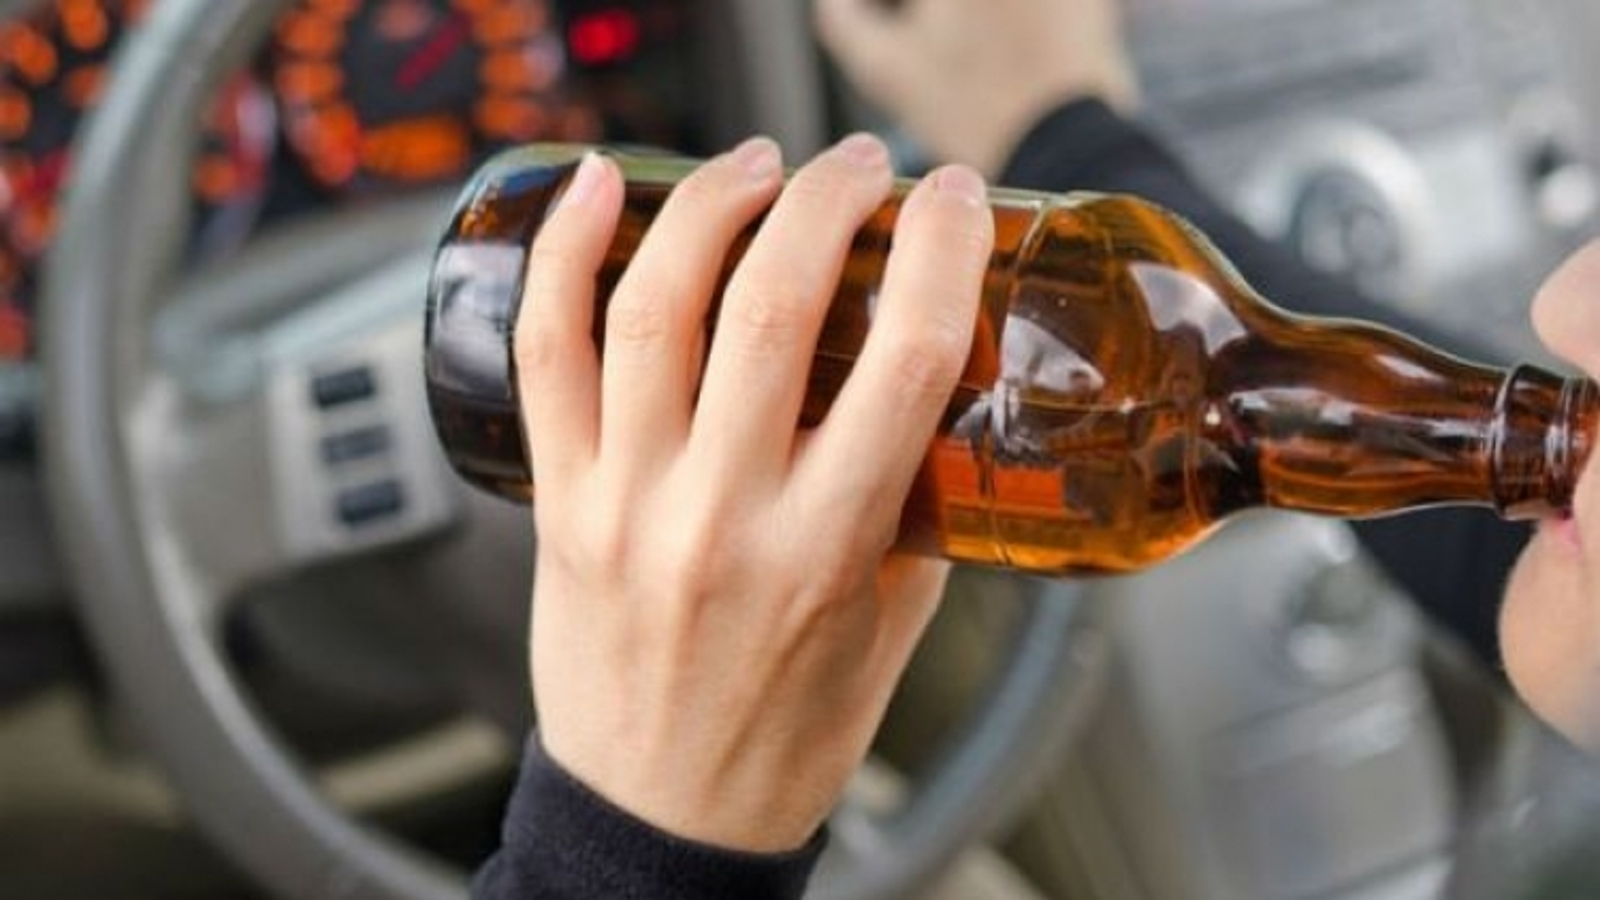 Trưởng phòng bị kỷ luật vì lái ô tôsau khi uống rượu